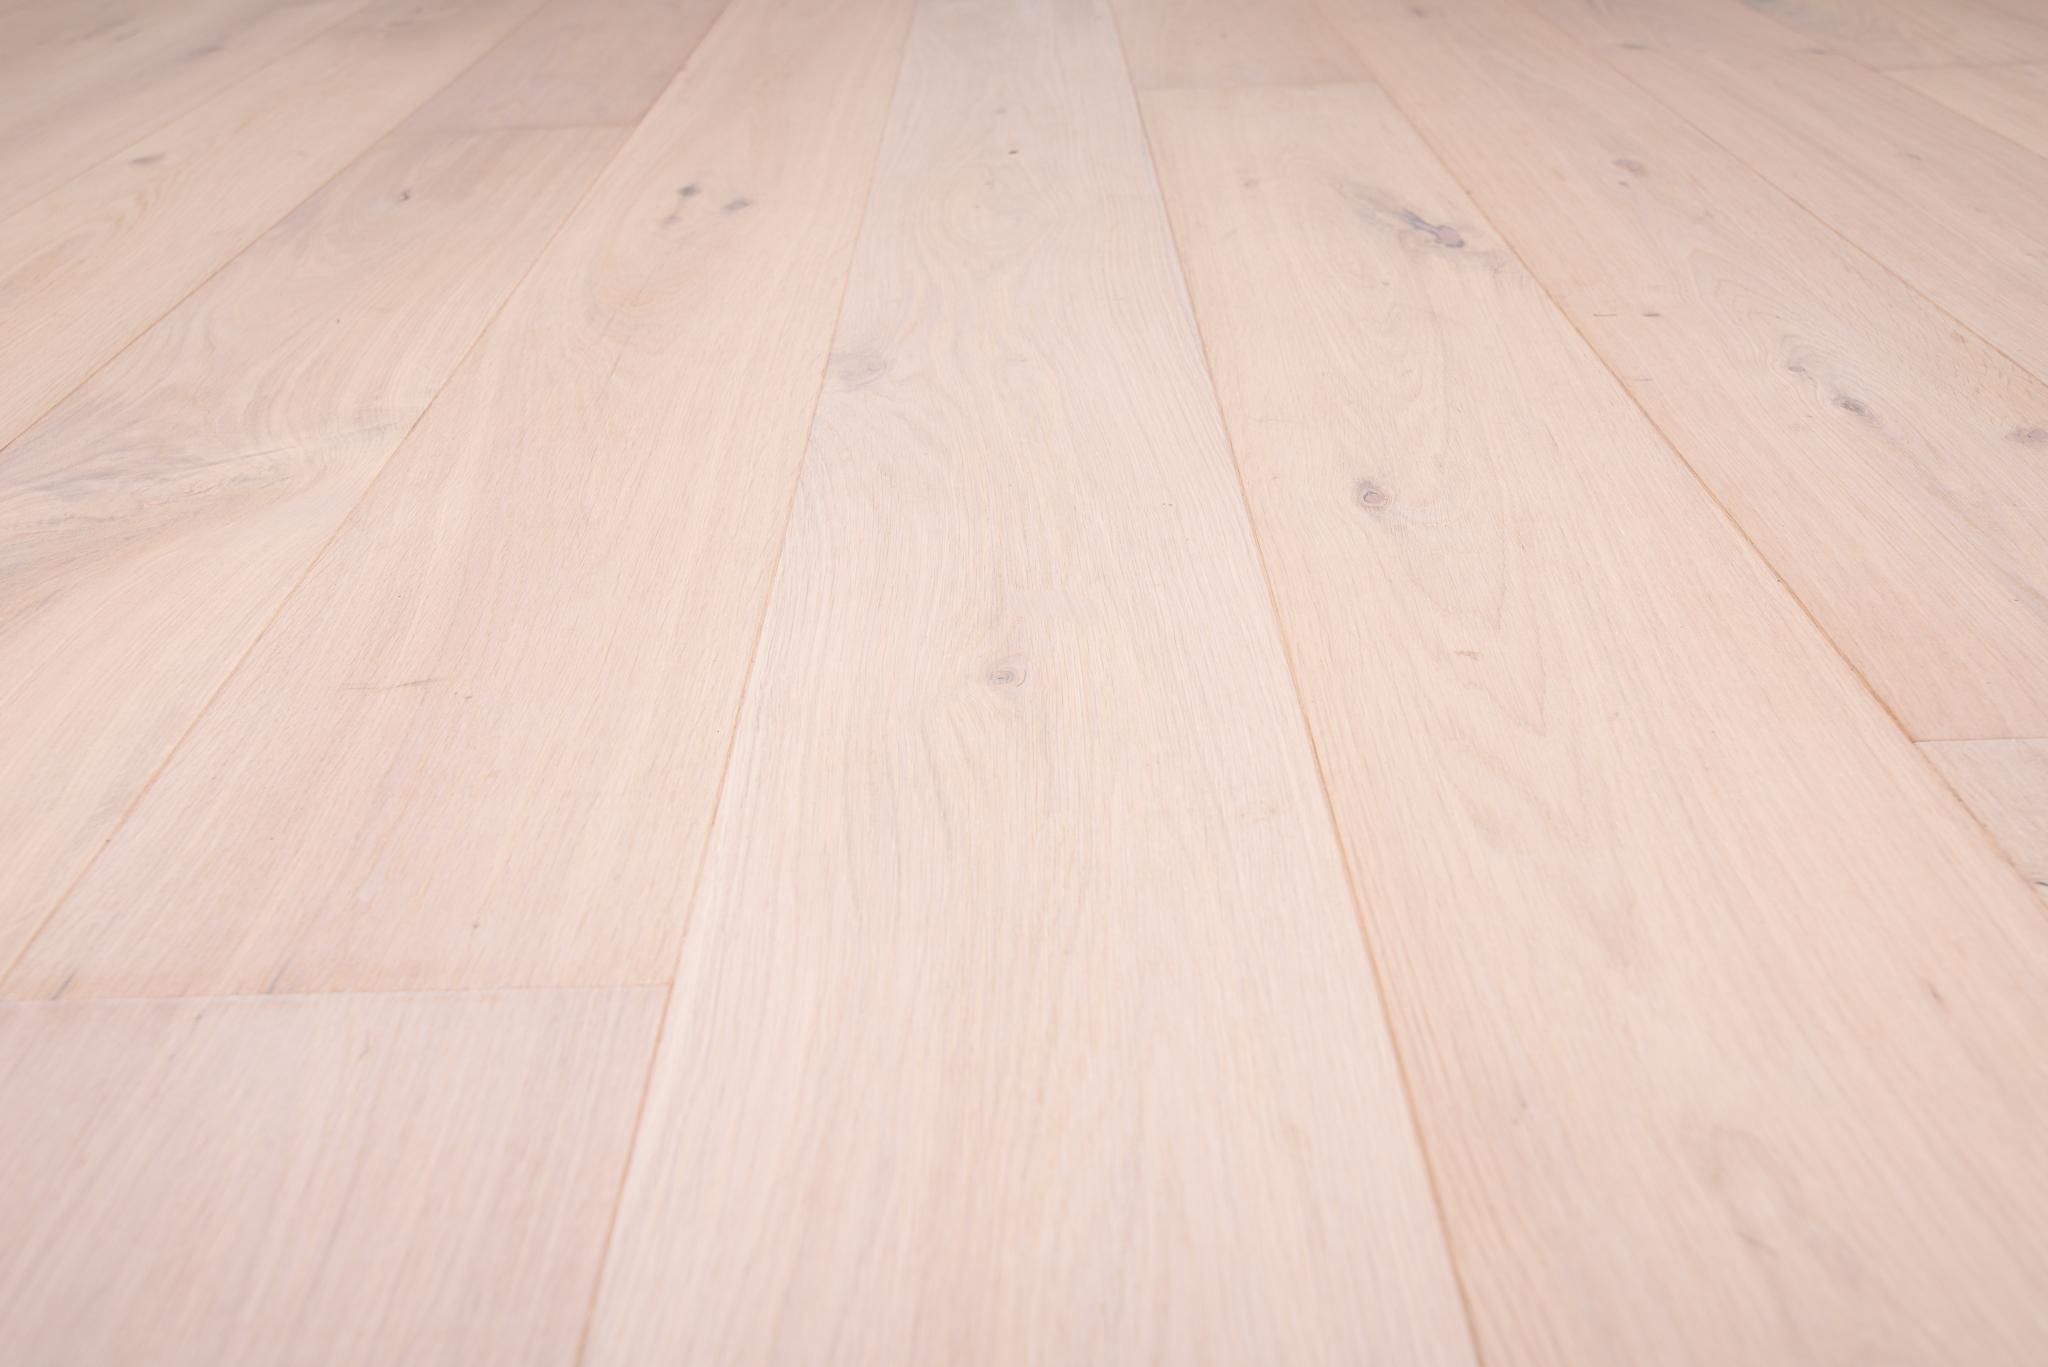 Waar op letten bij aankoop houten vloer